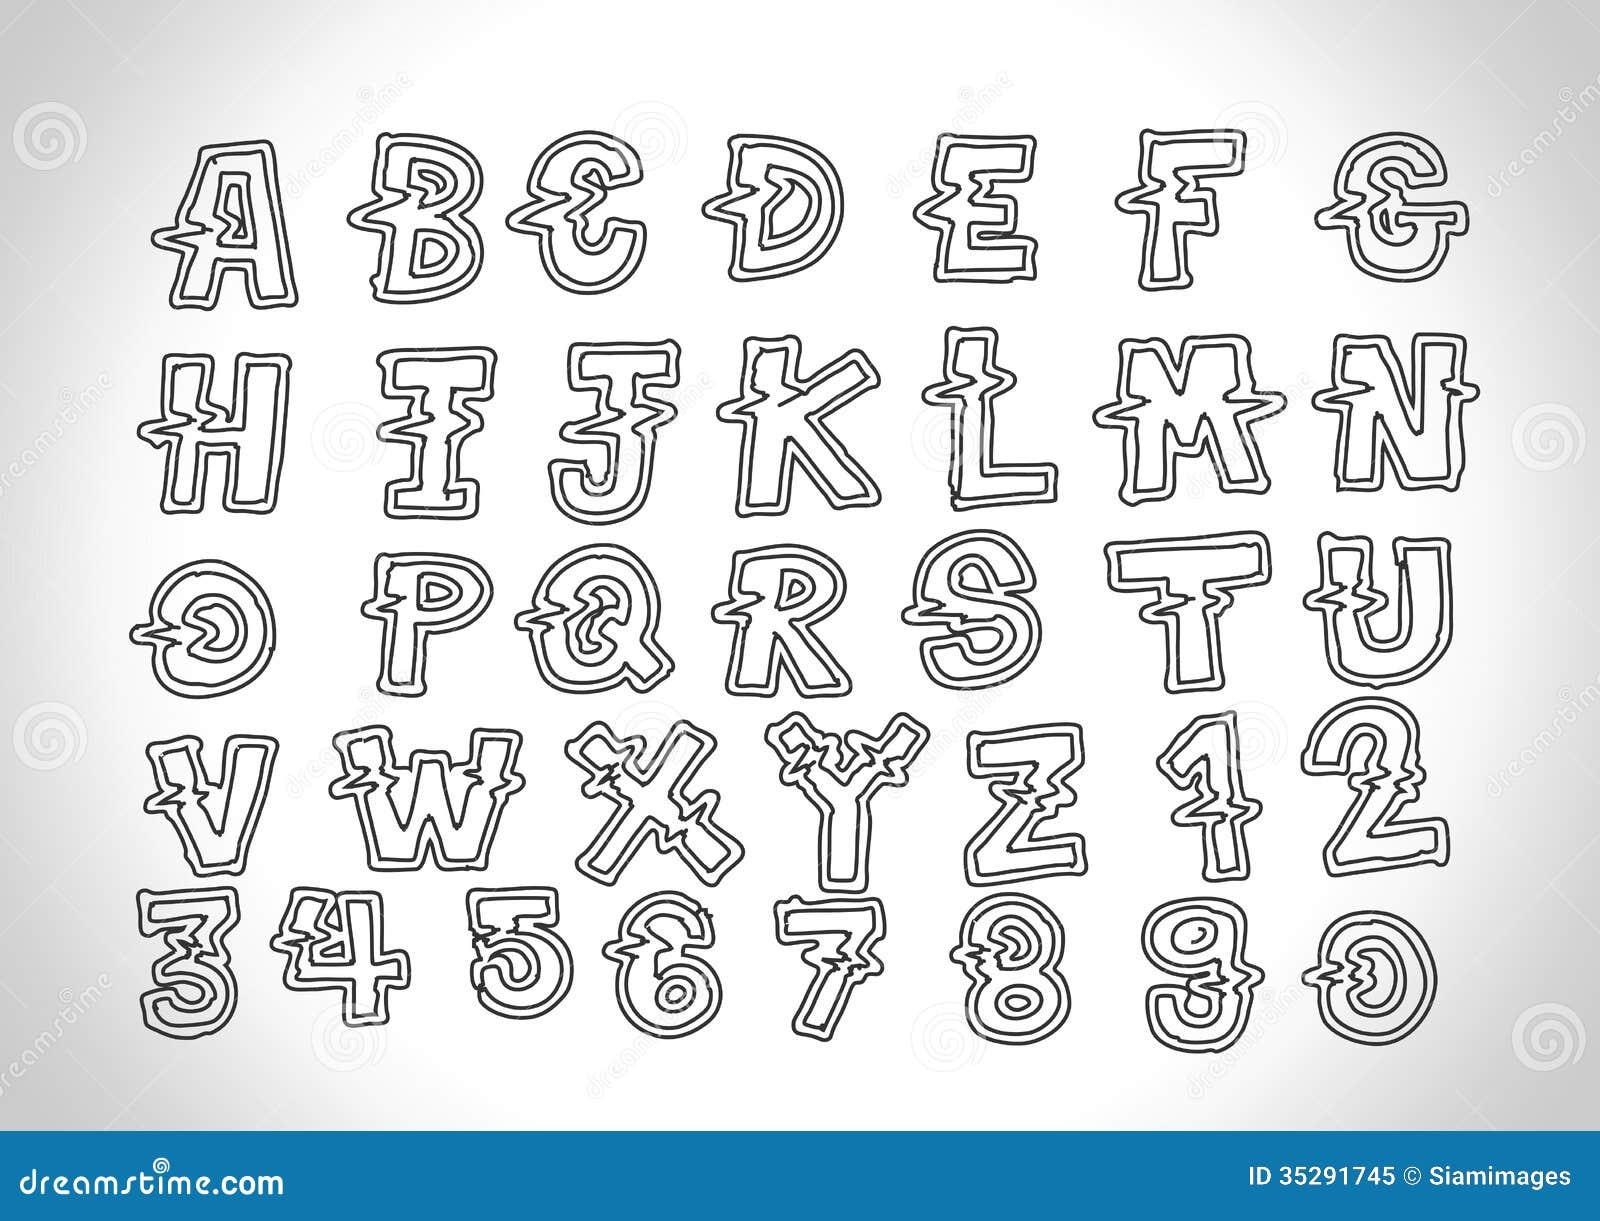 Te Amo Escrito En Pluma En La Arena Imagen De Archivo: Como Dibujar Letras. Great Como Dibujar Letras. Abecedario